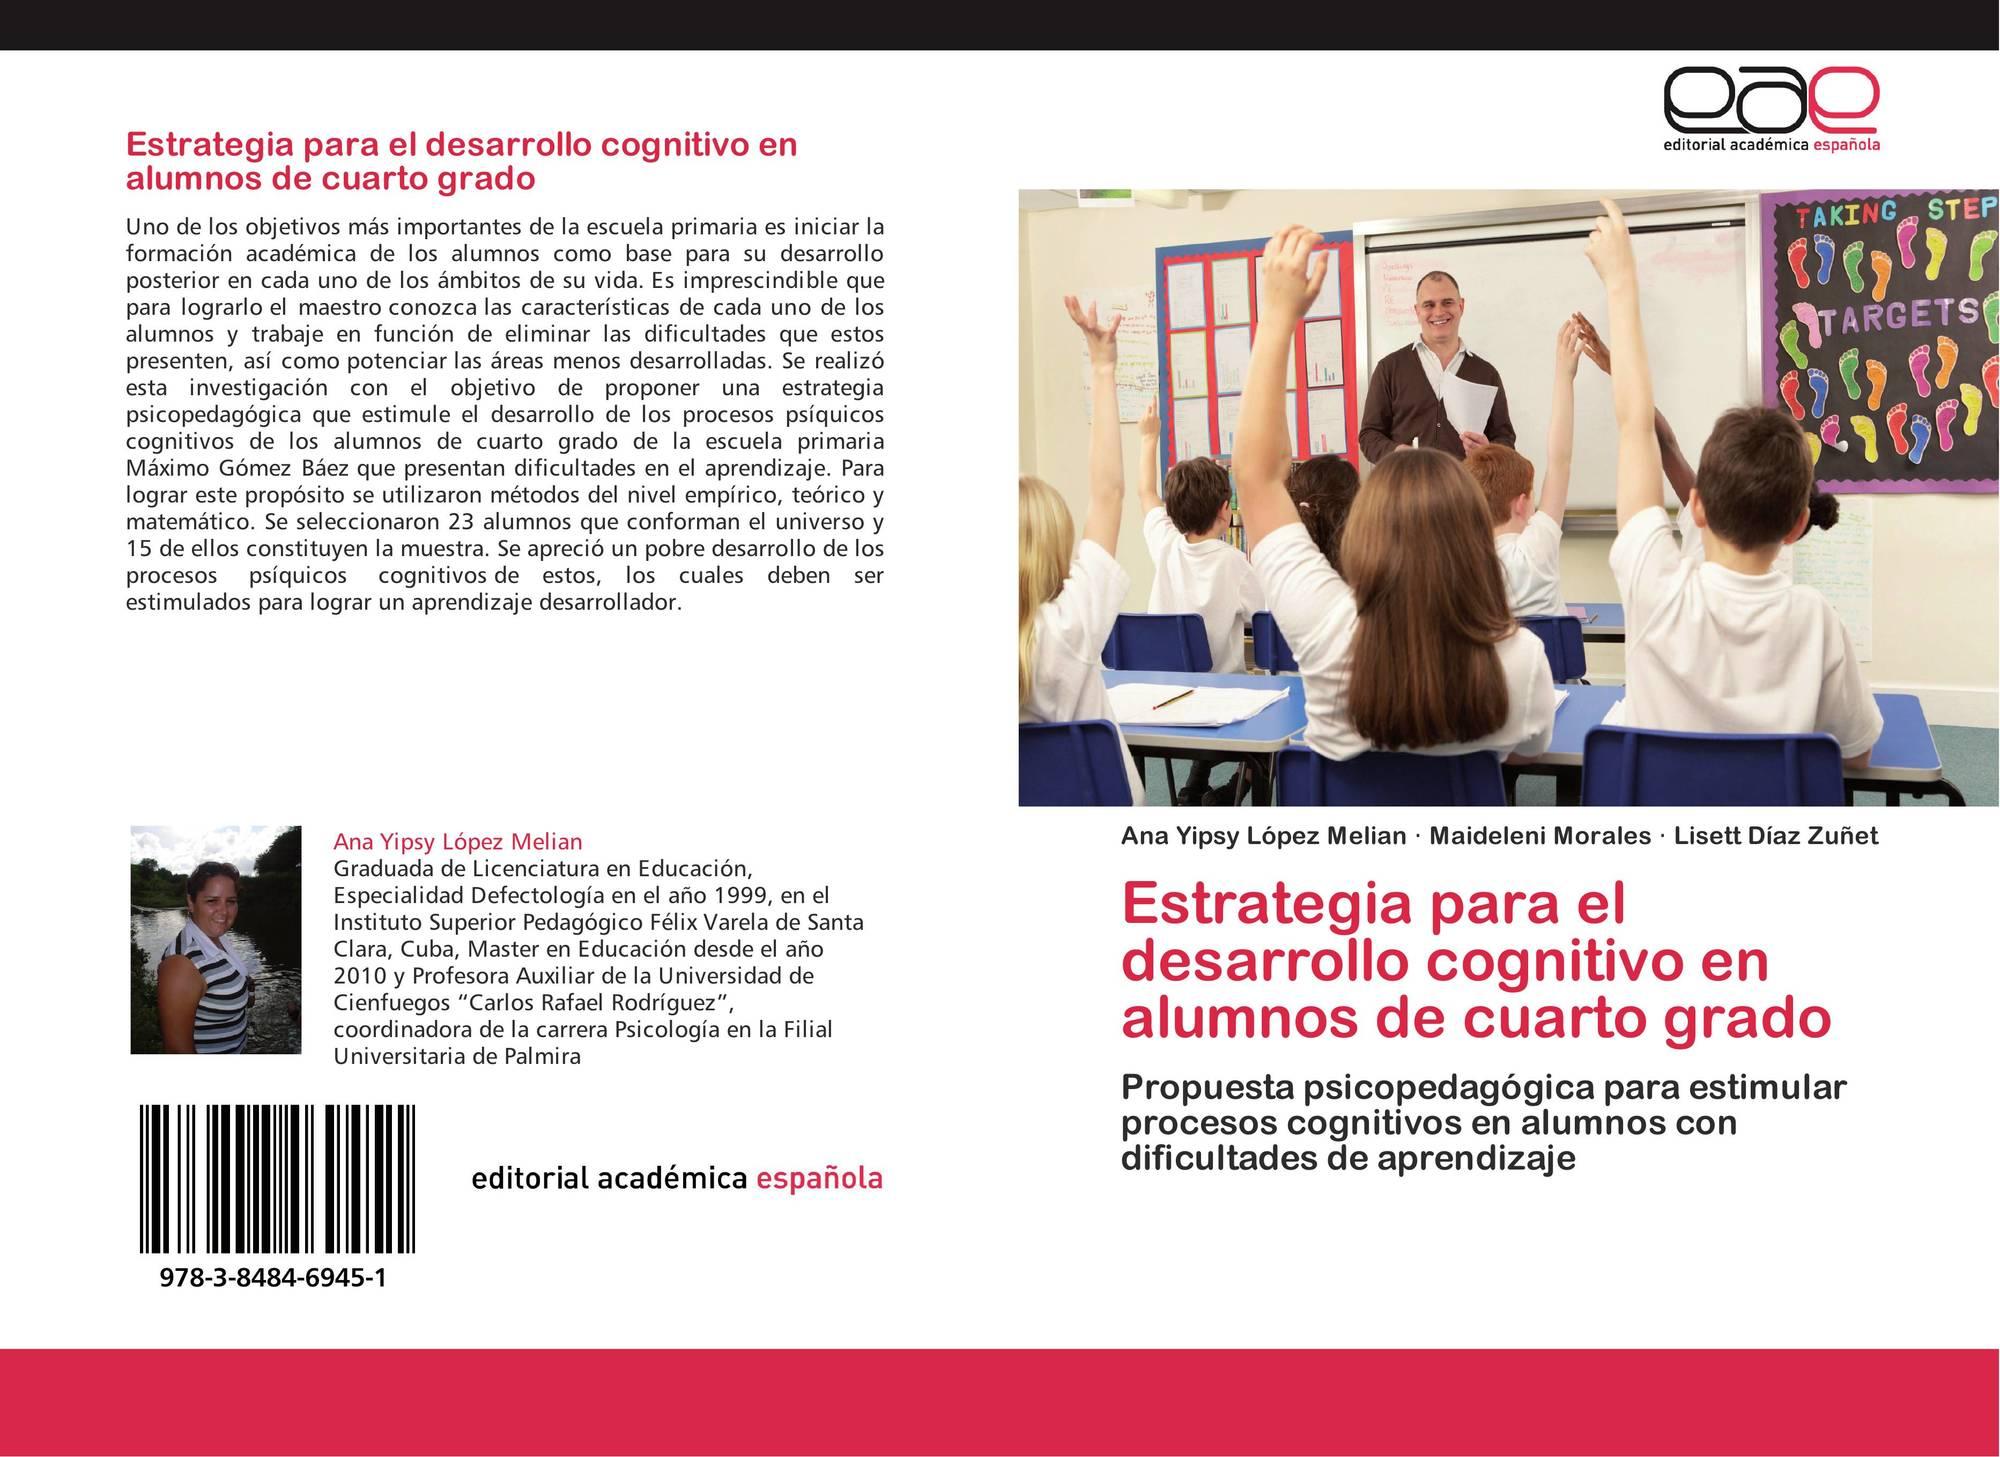 Estrategia para el desarrollo cognitivo en alumnos de cuarto grado ...